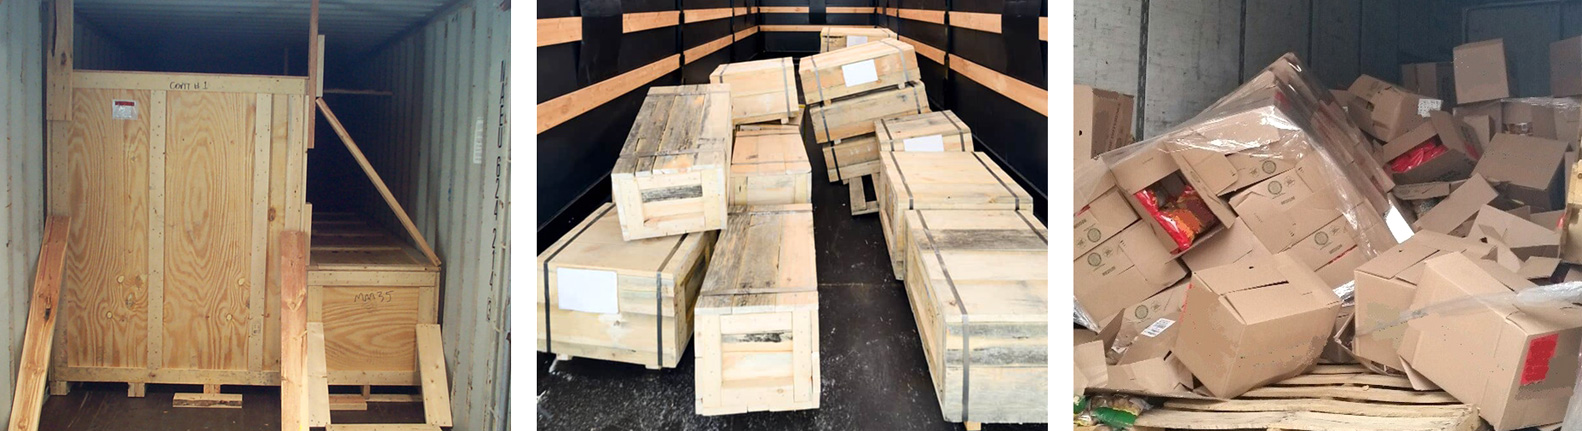 plywood case damage